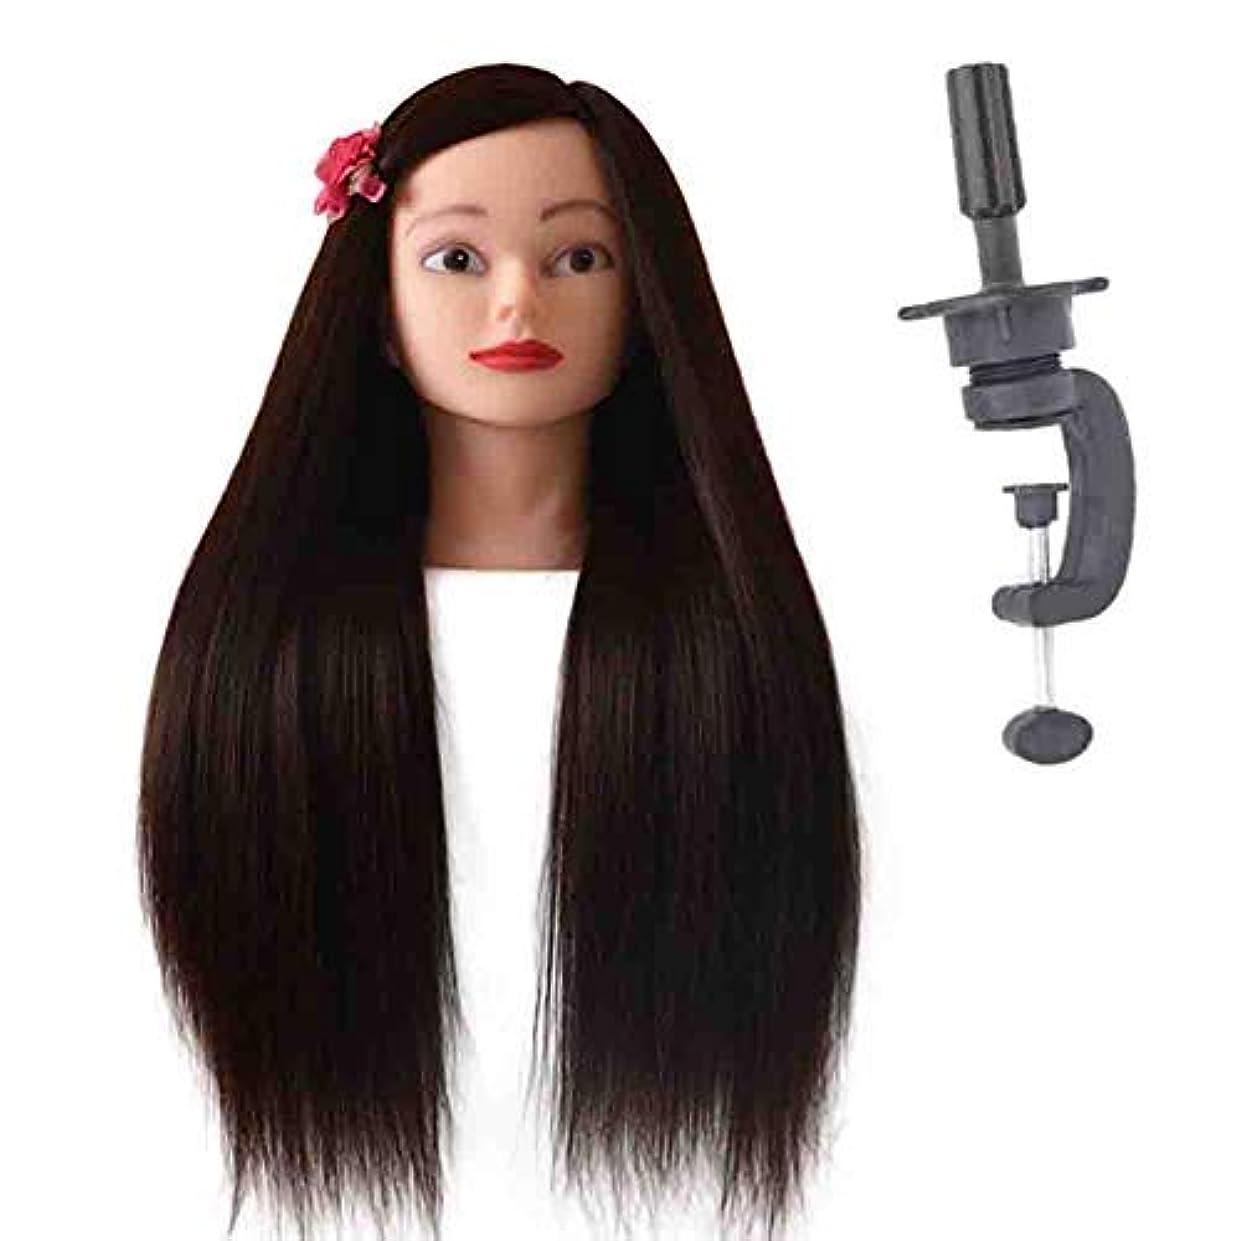 集団的検出器想起トウモロコシホットシミュレーションヘアメイクヘアプレートヘアダミー練習ヘッド金型理髪店初心者トリムヘアトレーニングヘッド